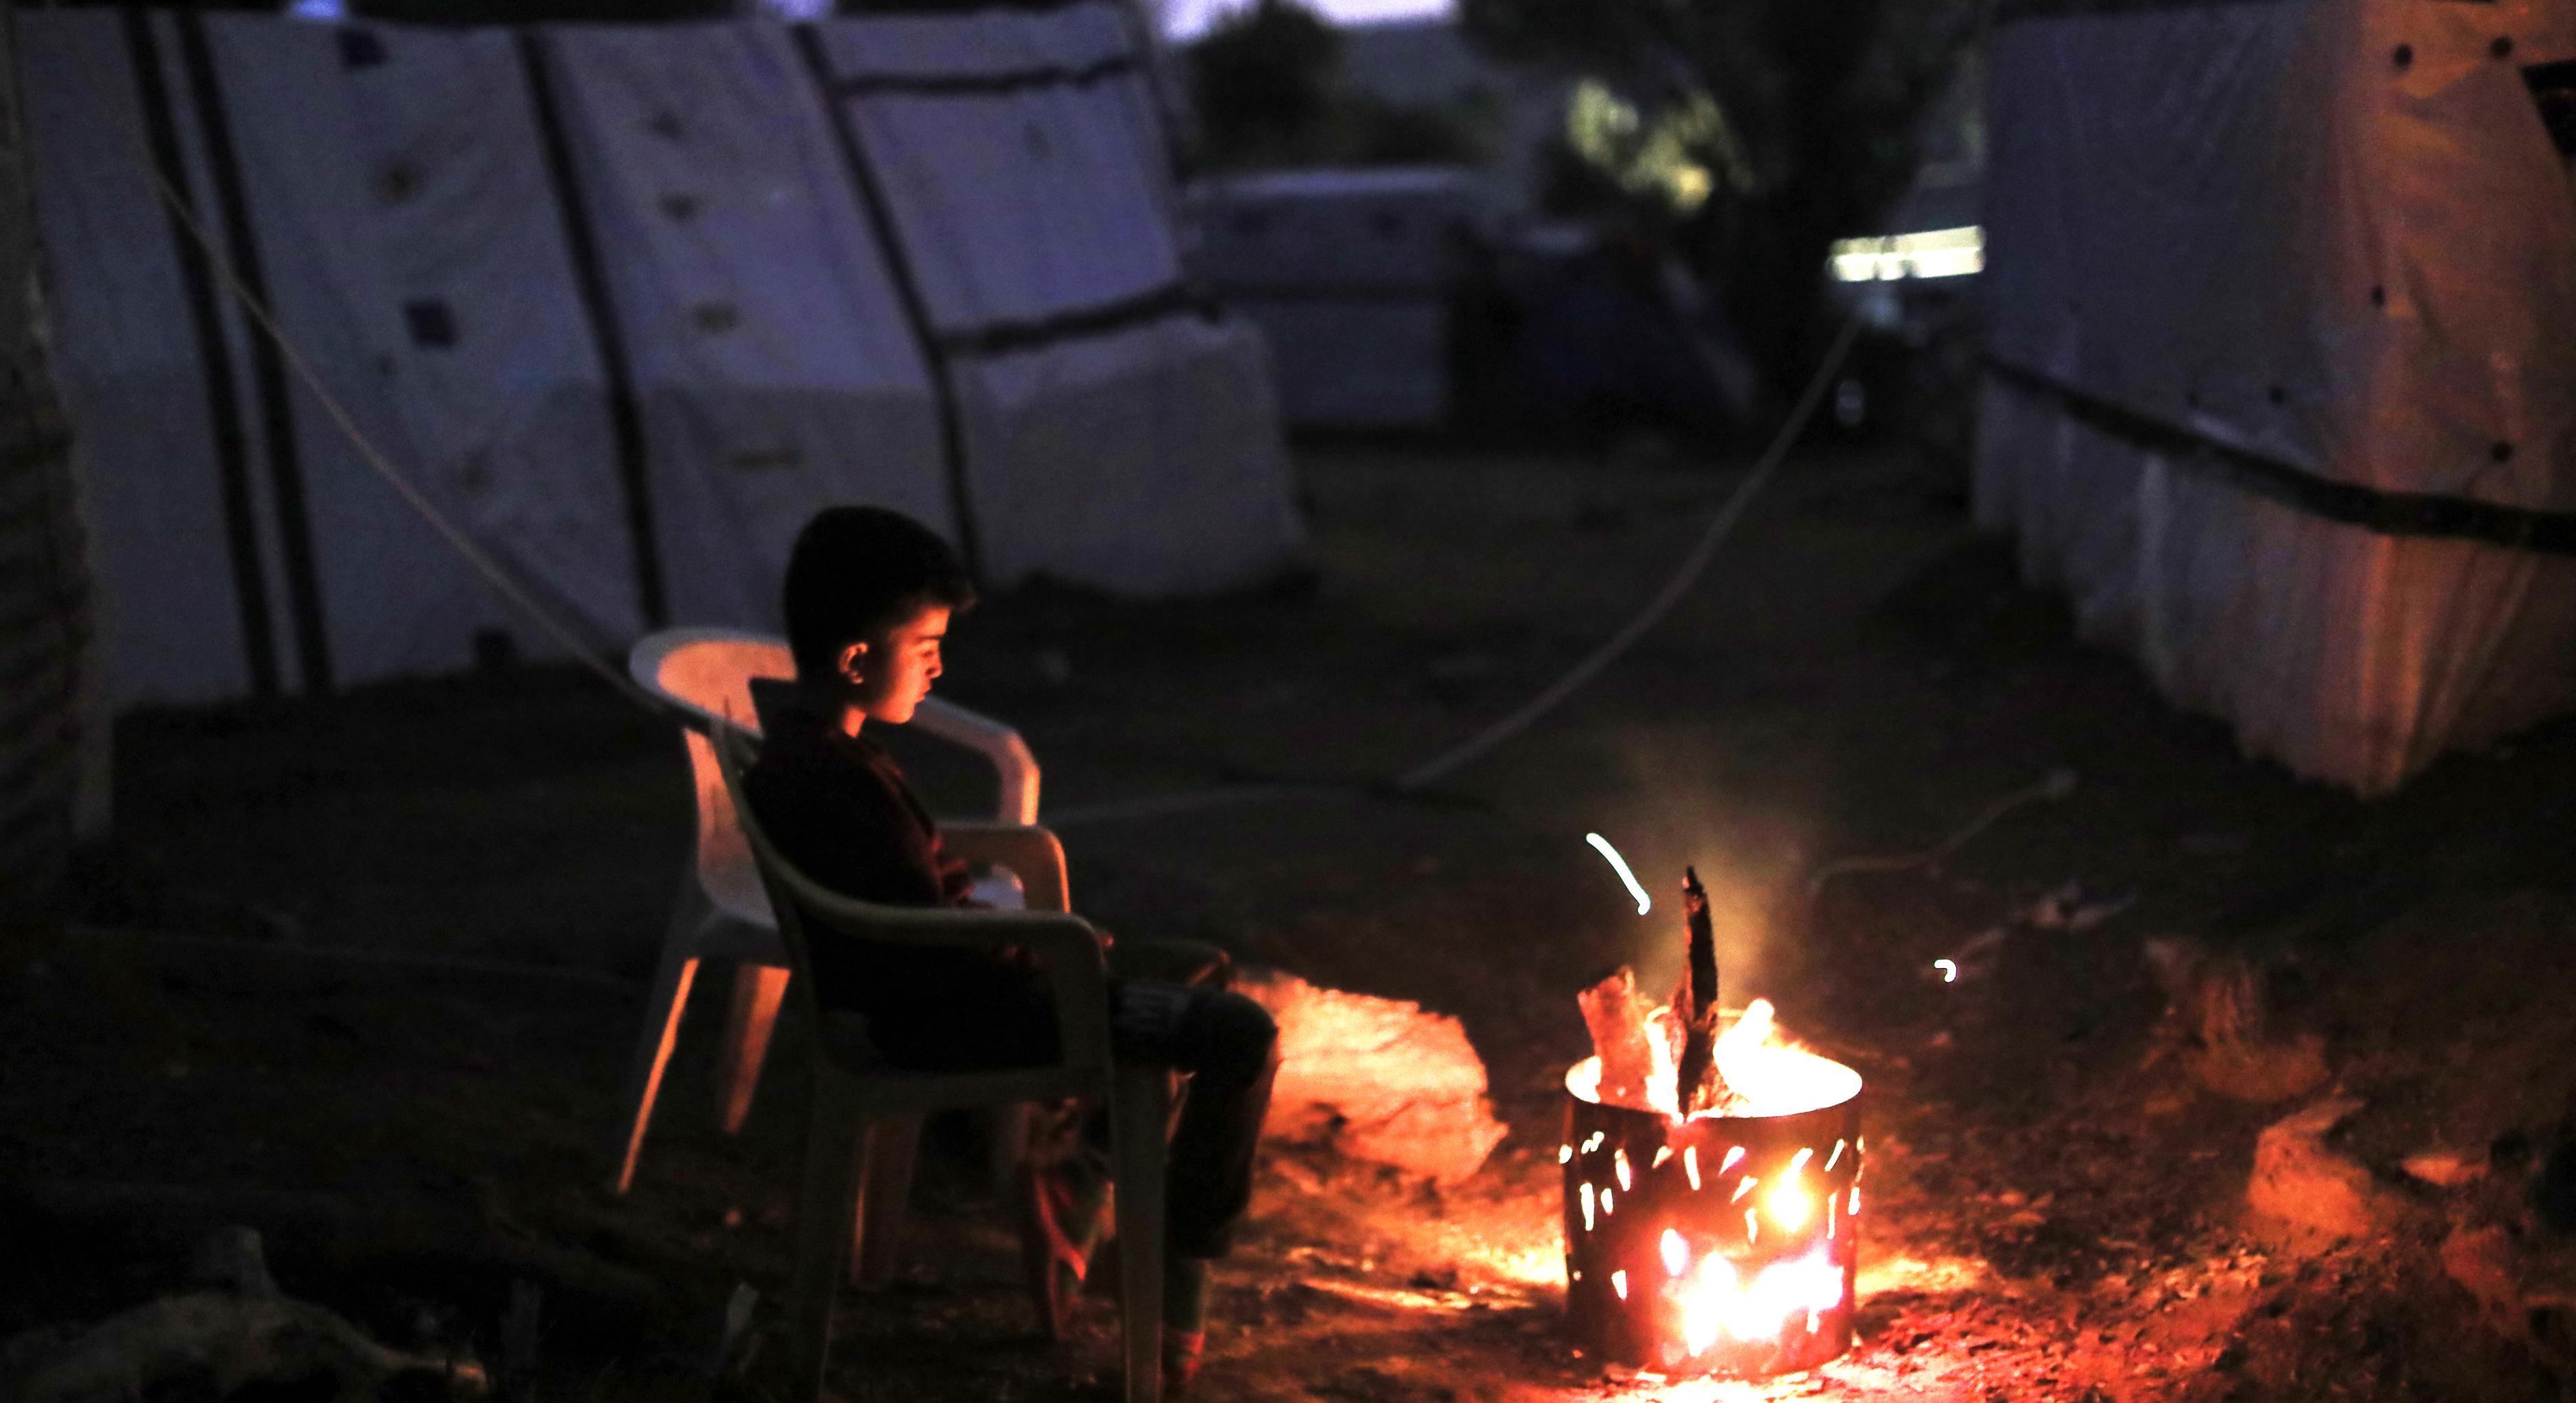 Ein Junge sitzt in einem Flüchtlingscamp vor einem kleinen Feuer